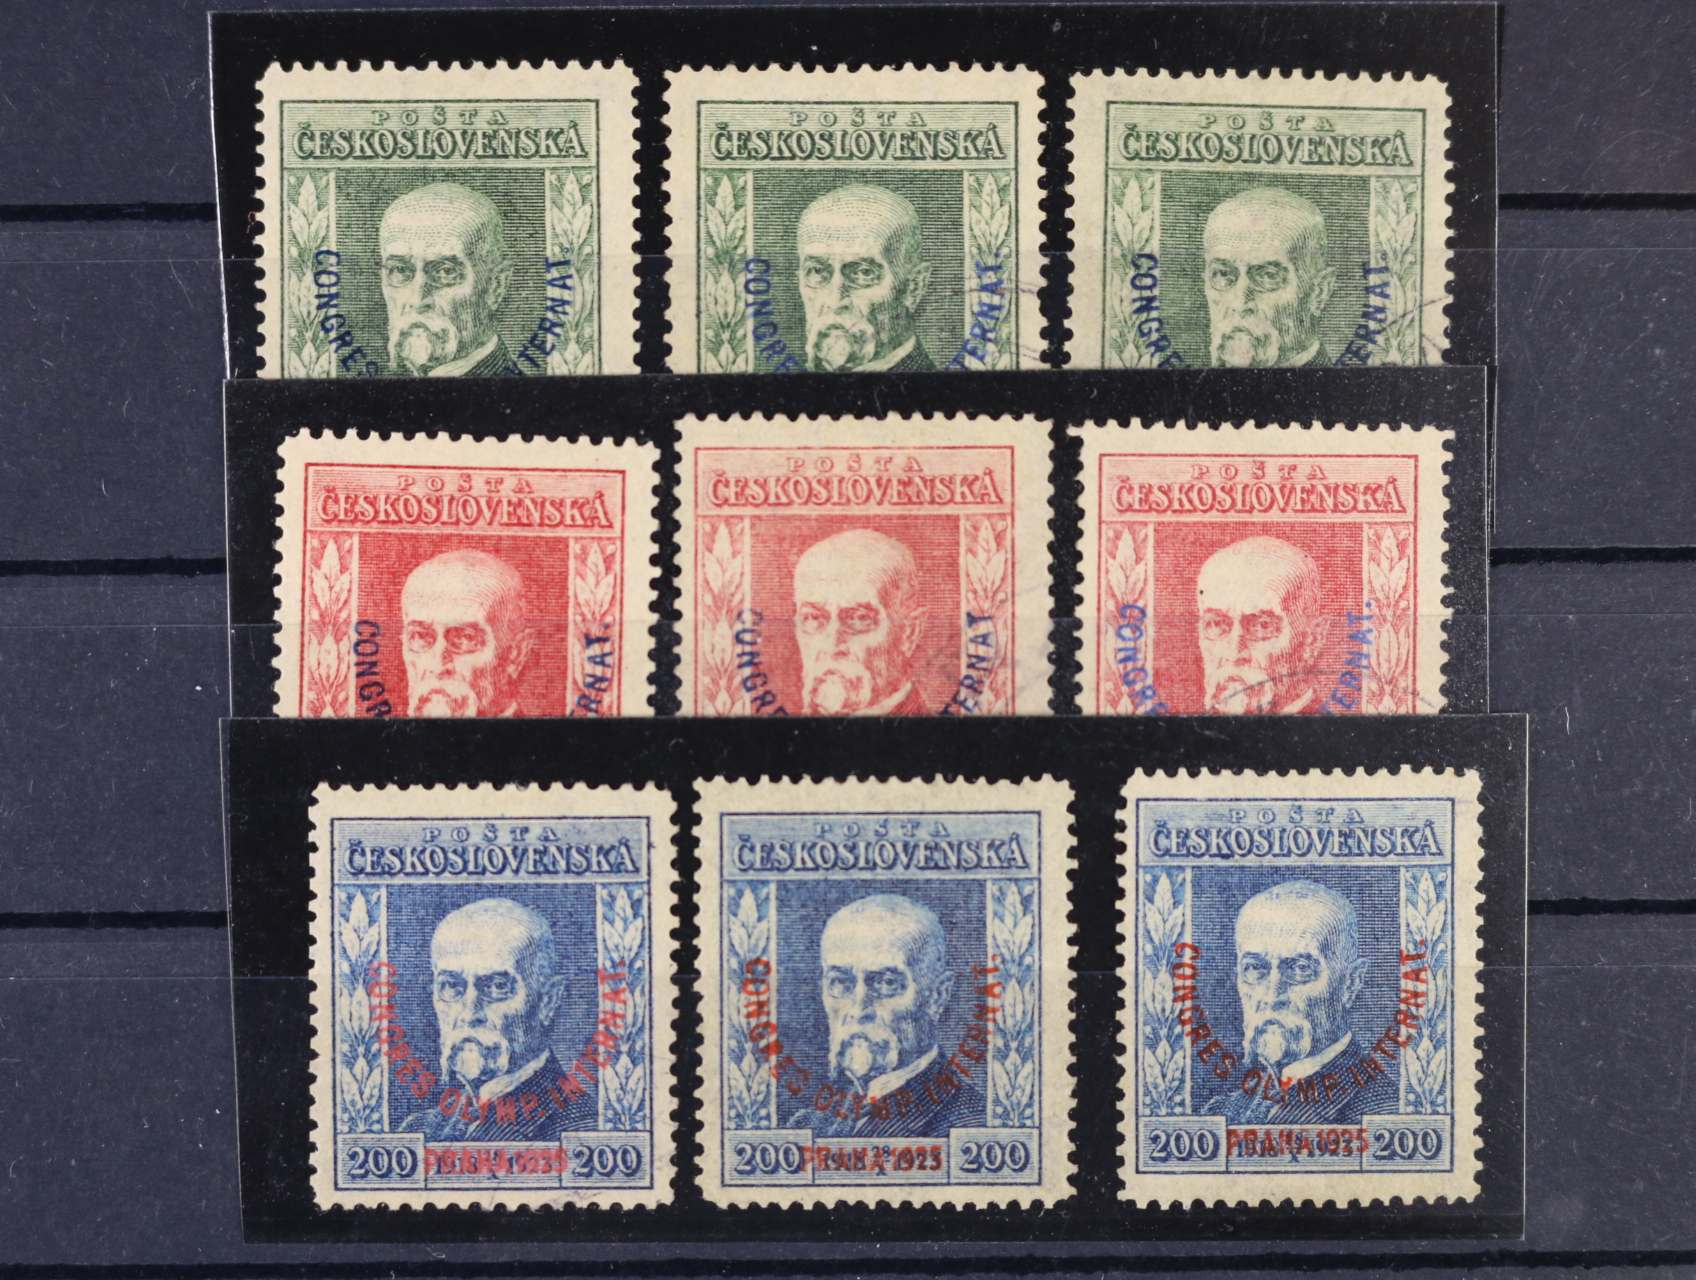 zn. č. 180 (pr. 5, 6 a 8), zn. č. 181 (pr. 5, 6 a 7), zn. č. 182 (pr. 5, 6 a 7), některé zn. zk. Gilbert, Karásek, kat. cena cca 3800 Kč